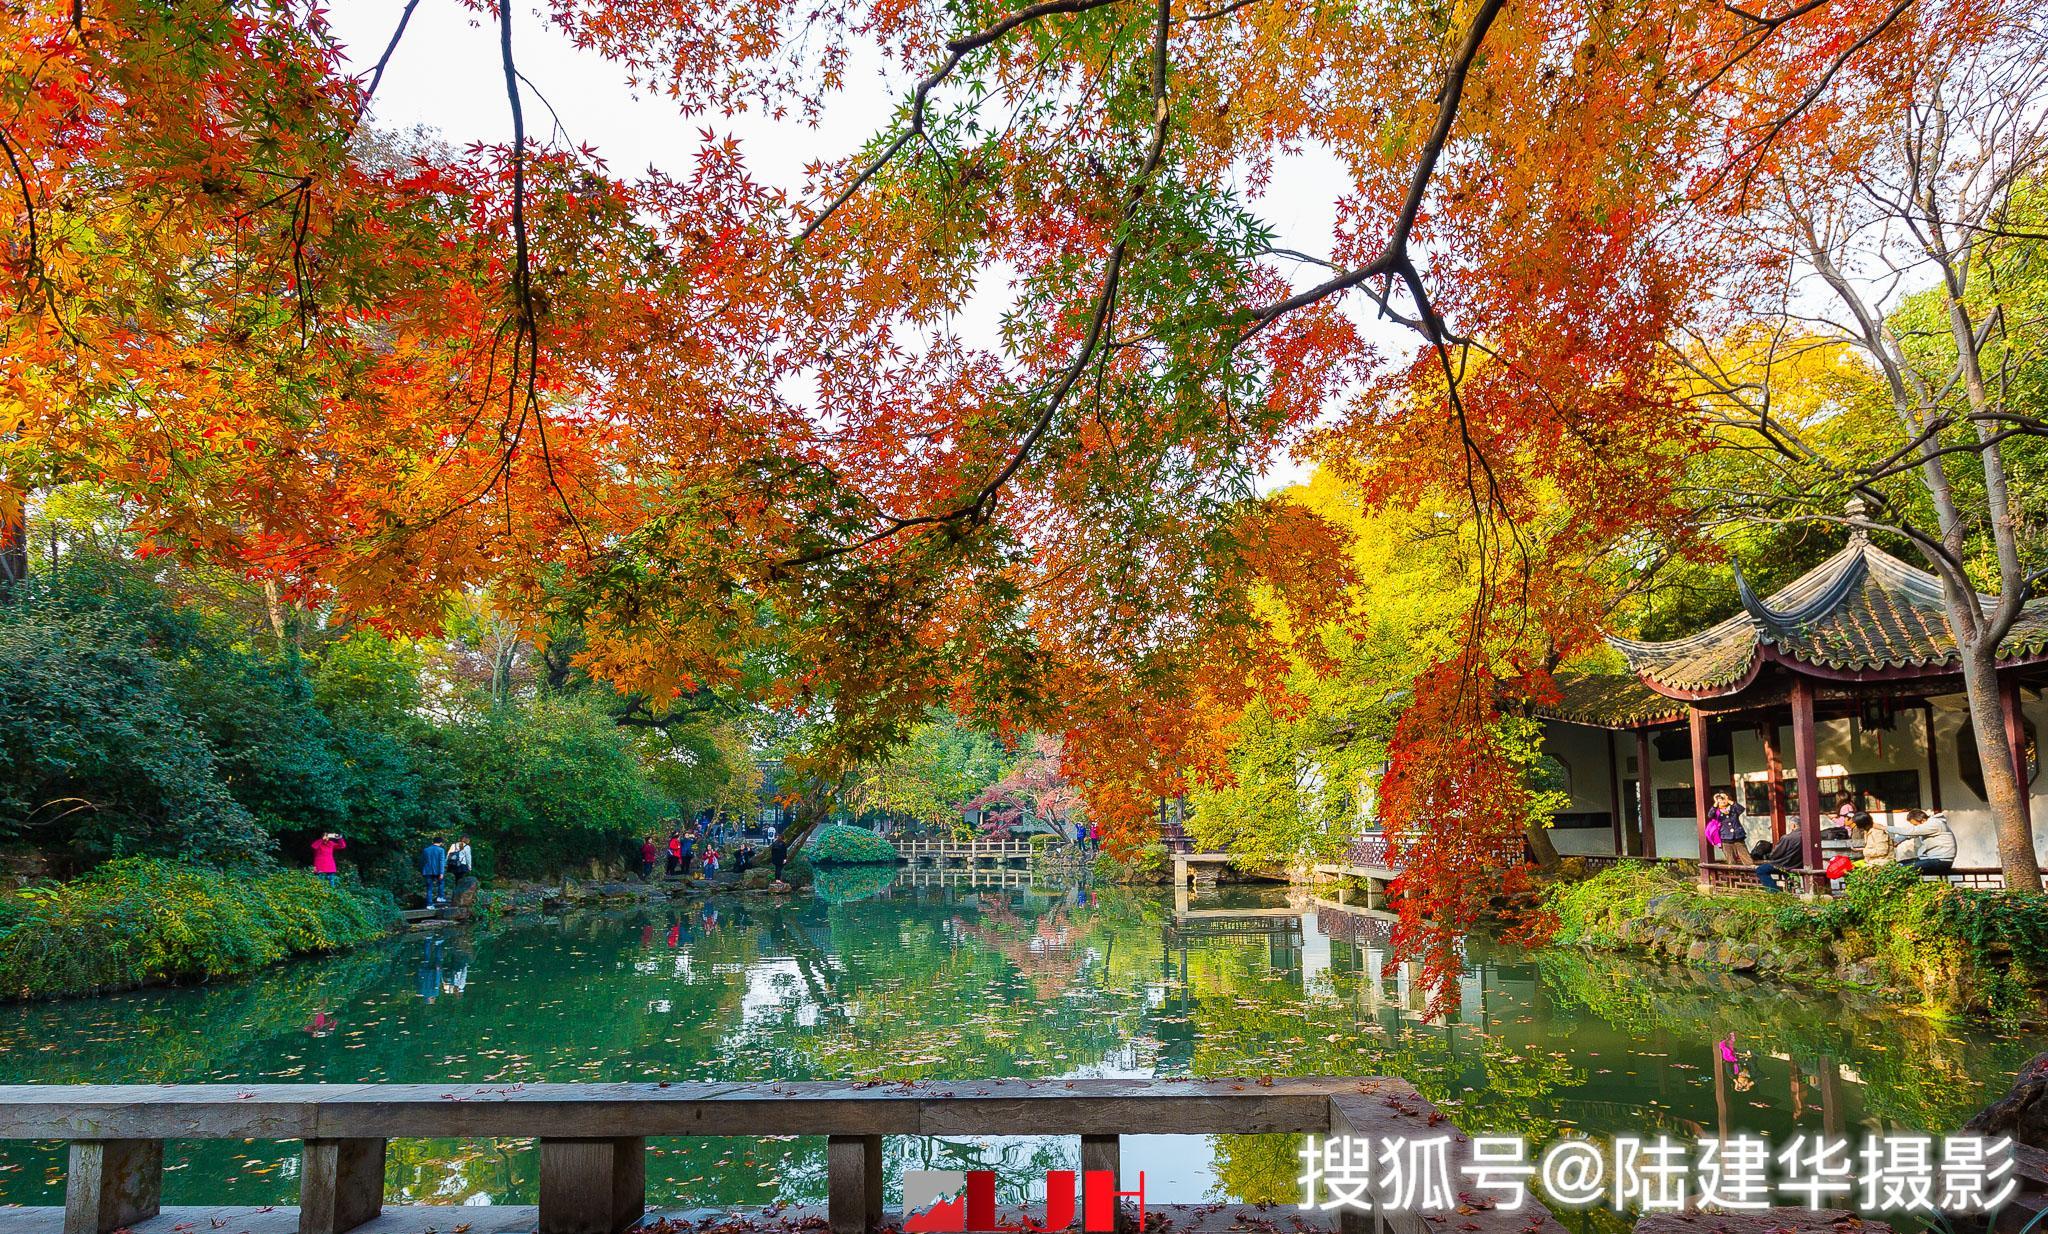 惠山古镇寄畅园,一年一度的秋色最醉人